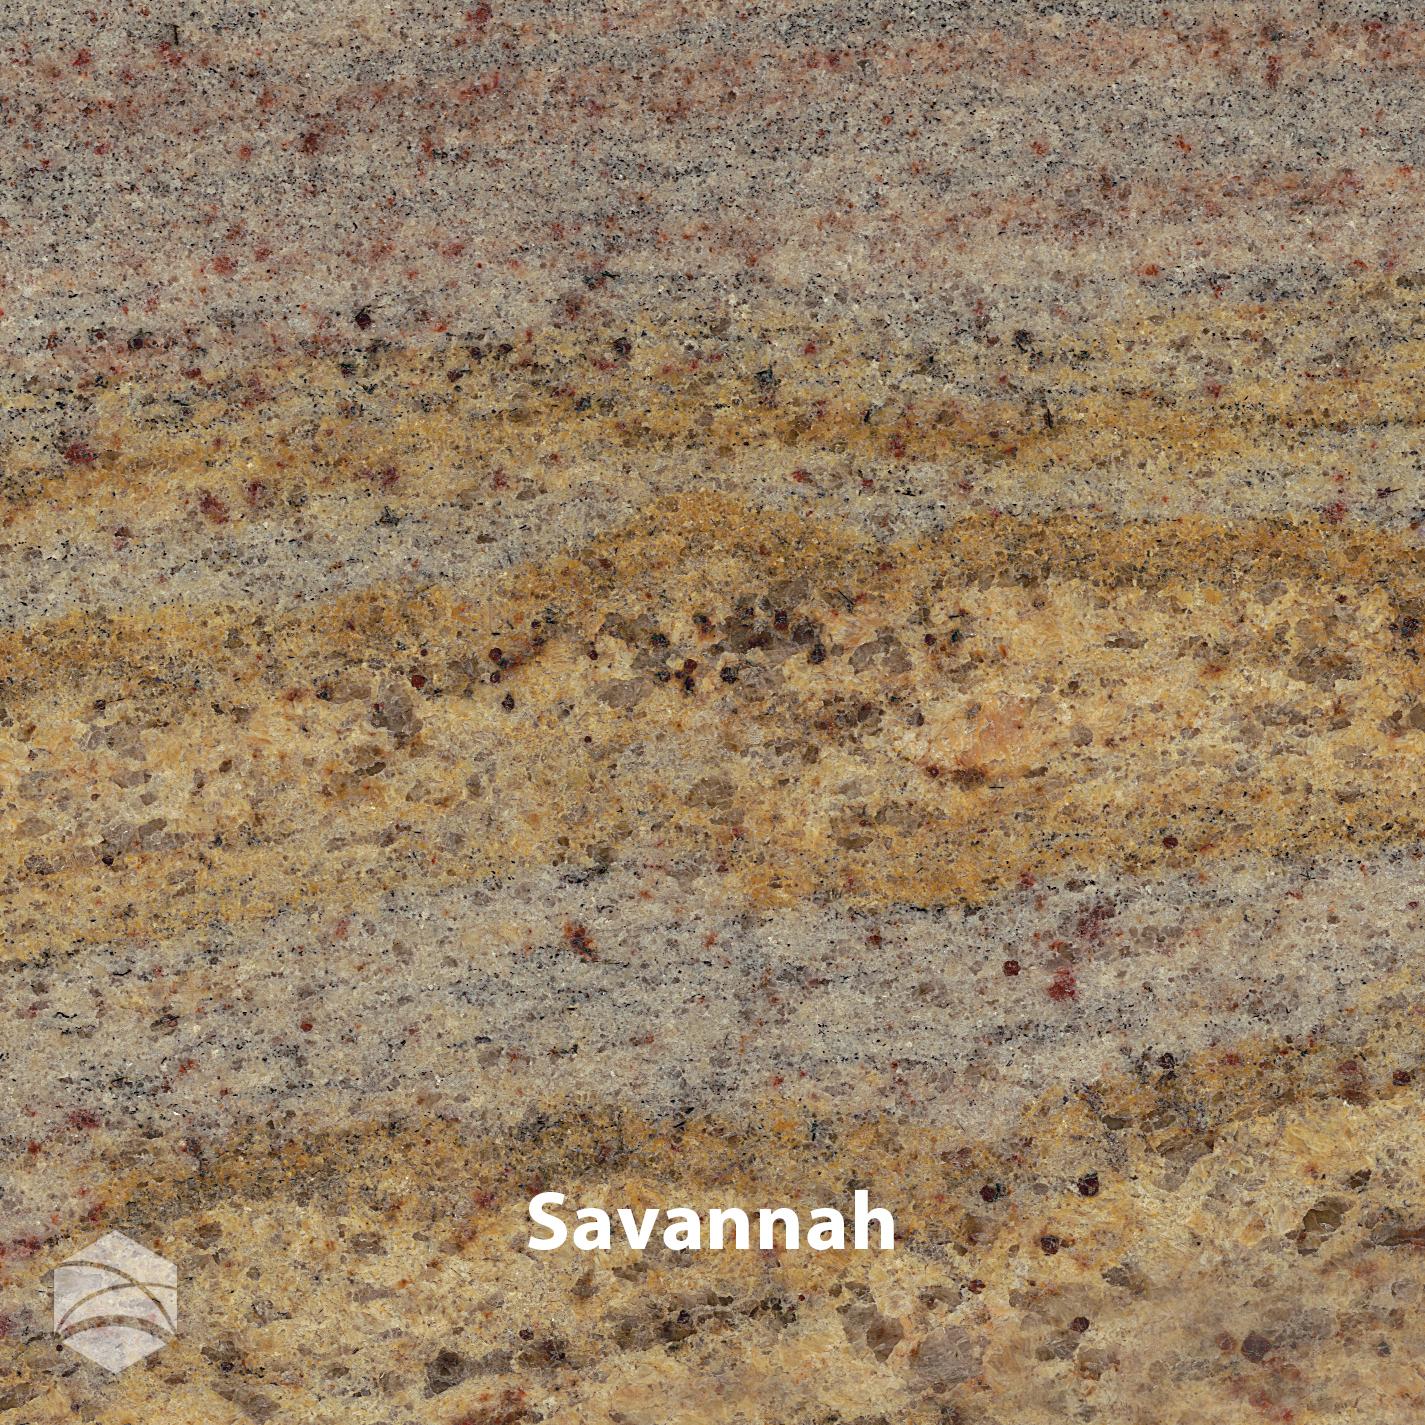 Savannah_V2_14x14.jpg